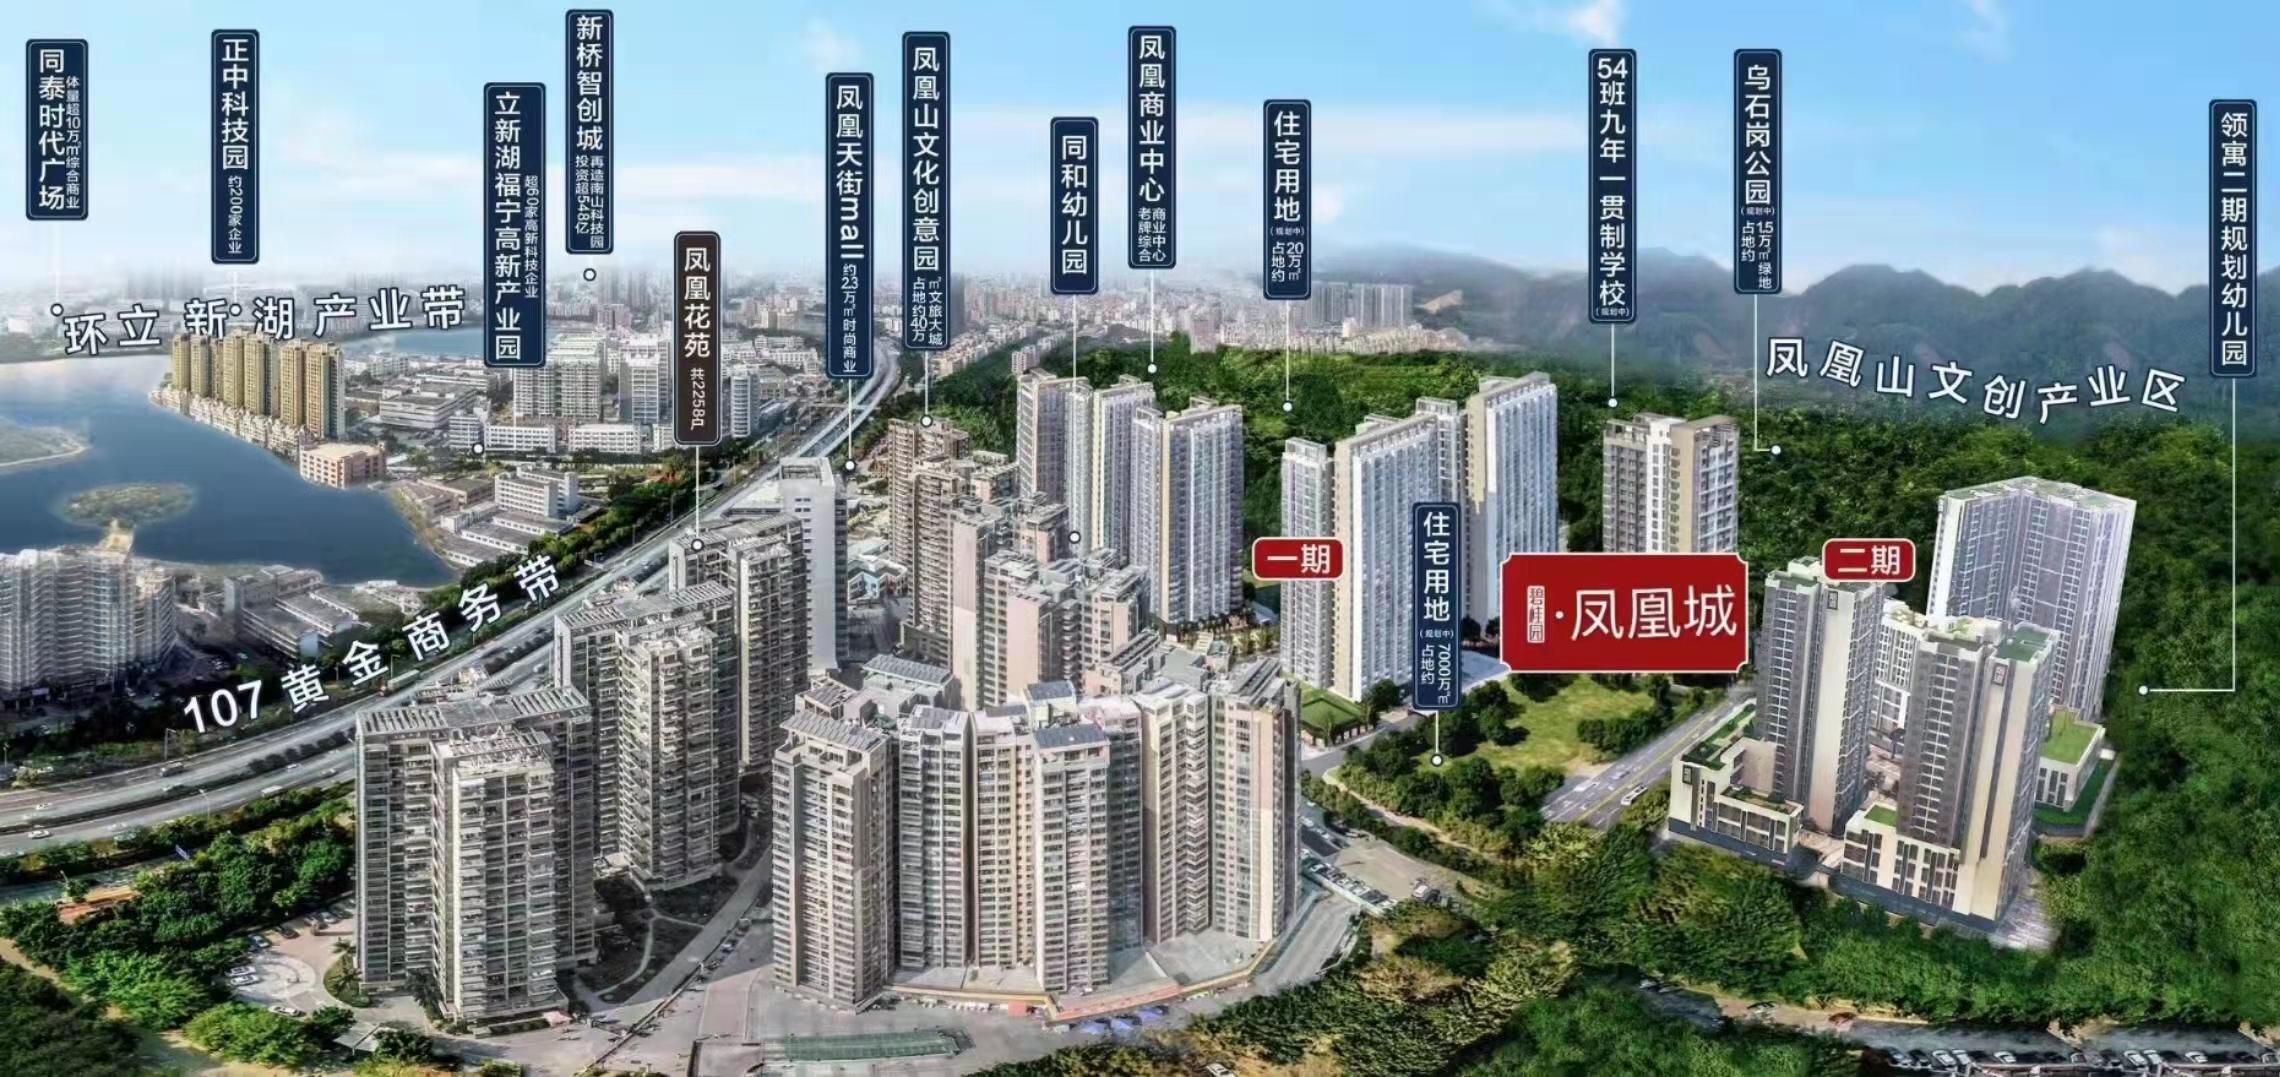 福永独立红本商品房公寓《碧桂园凤凰城》精装物业70年产权